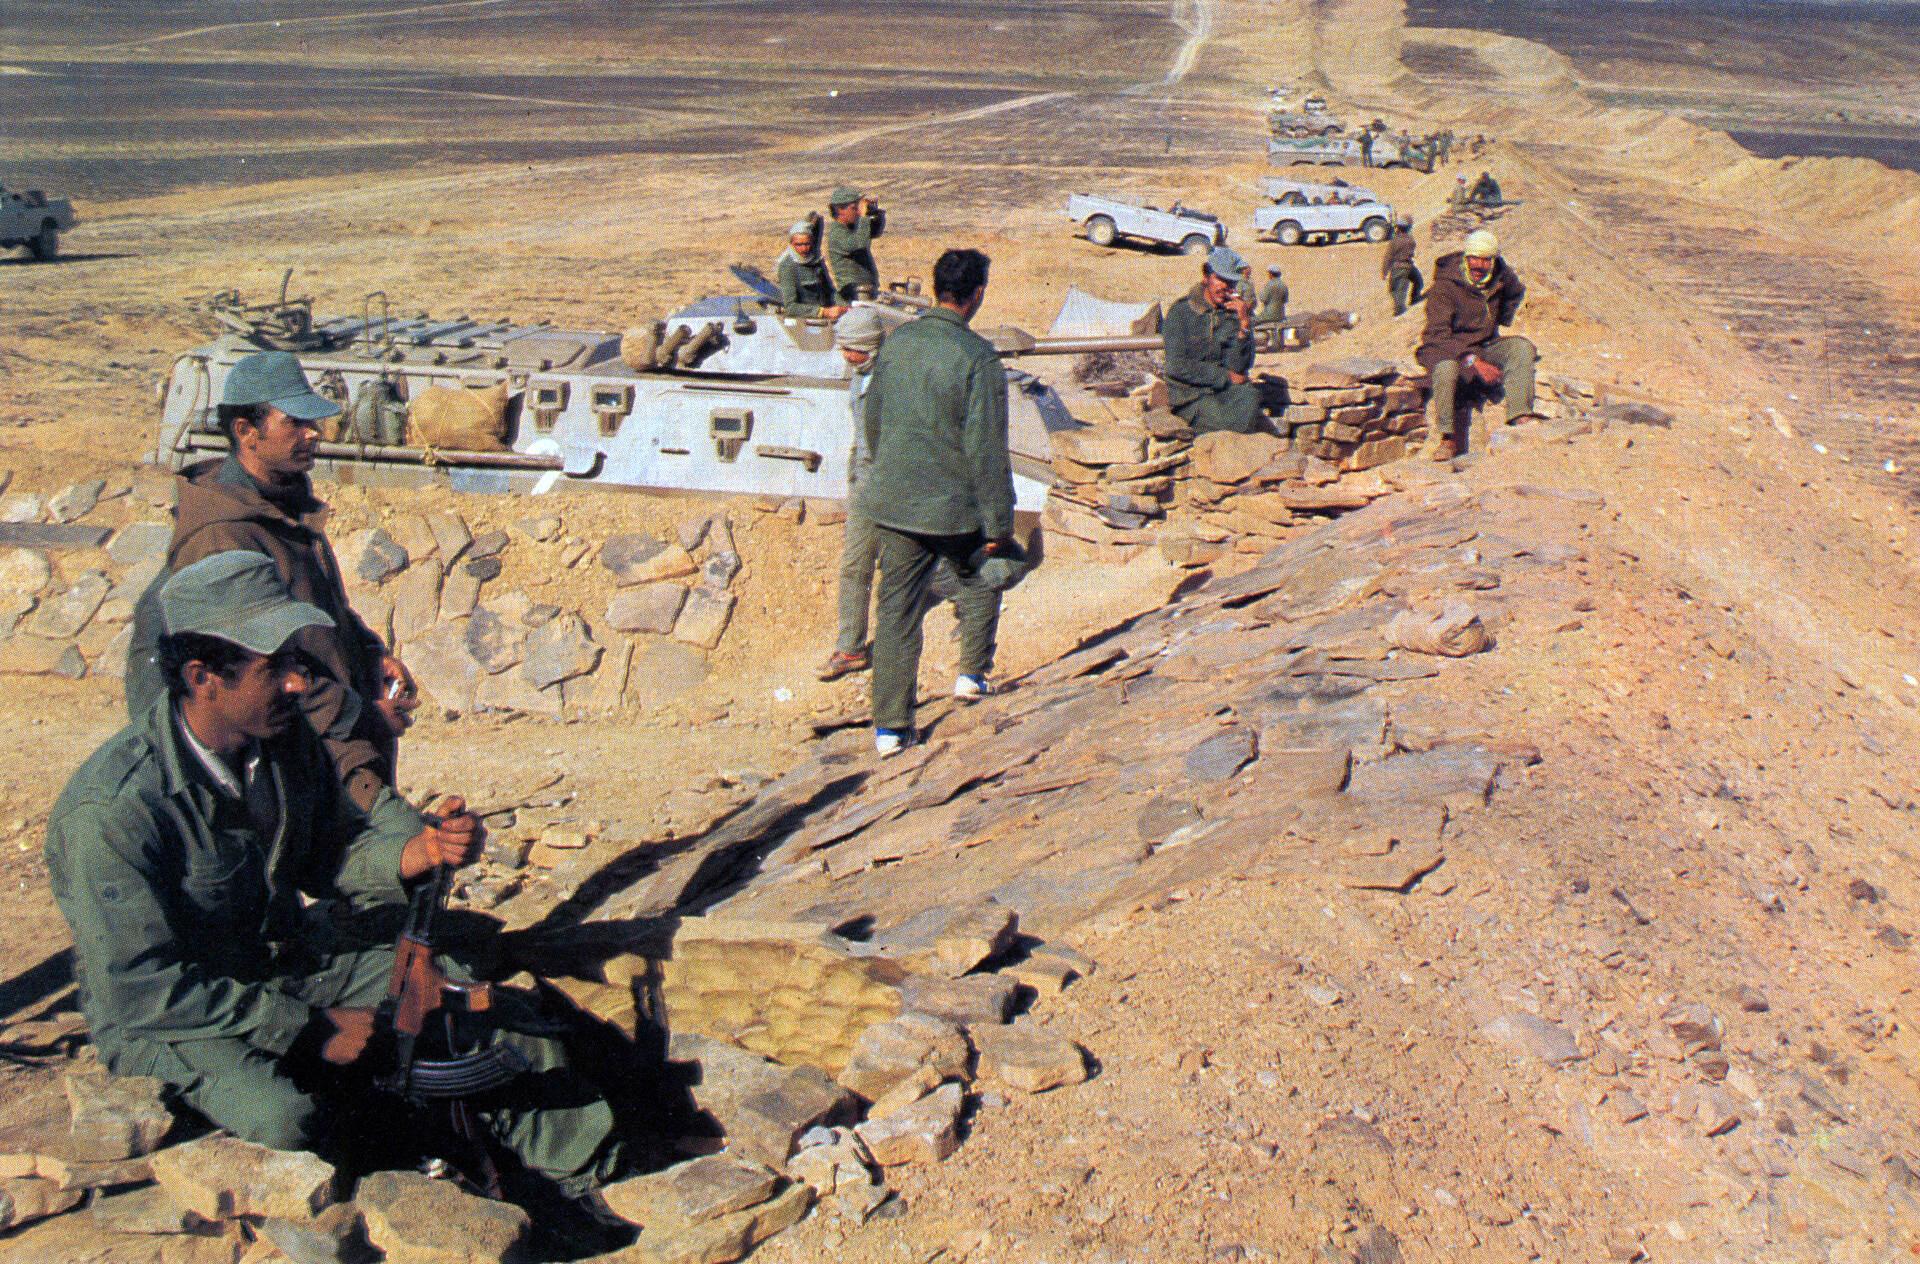 Le conflit armé du sahara marocain - Page 14 Clipb315